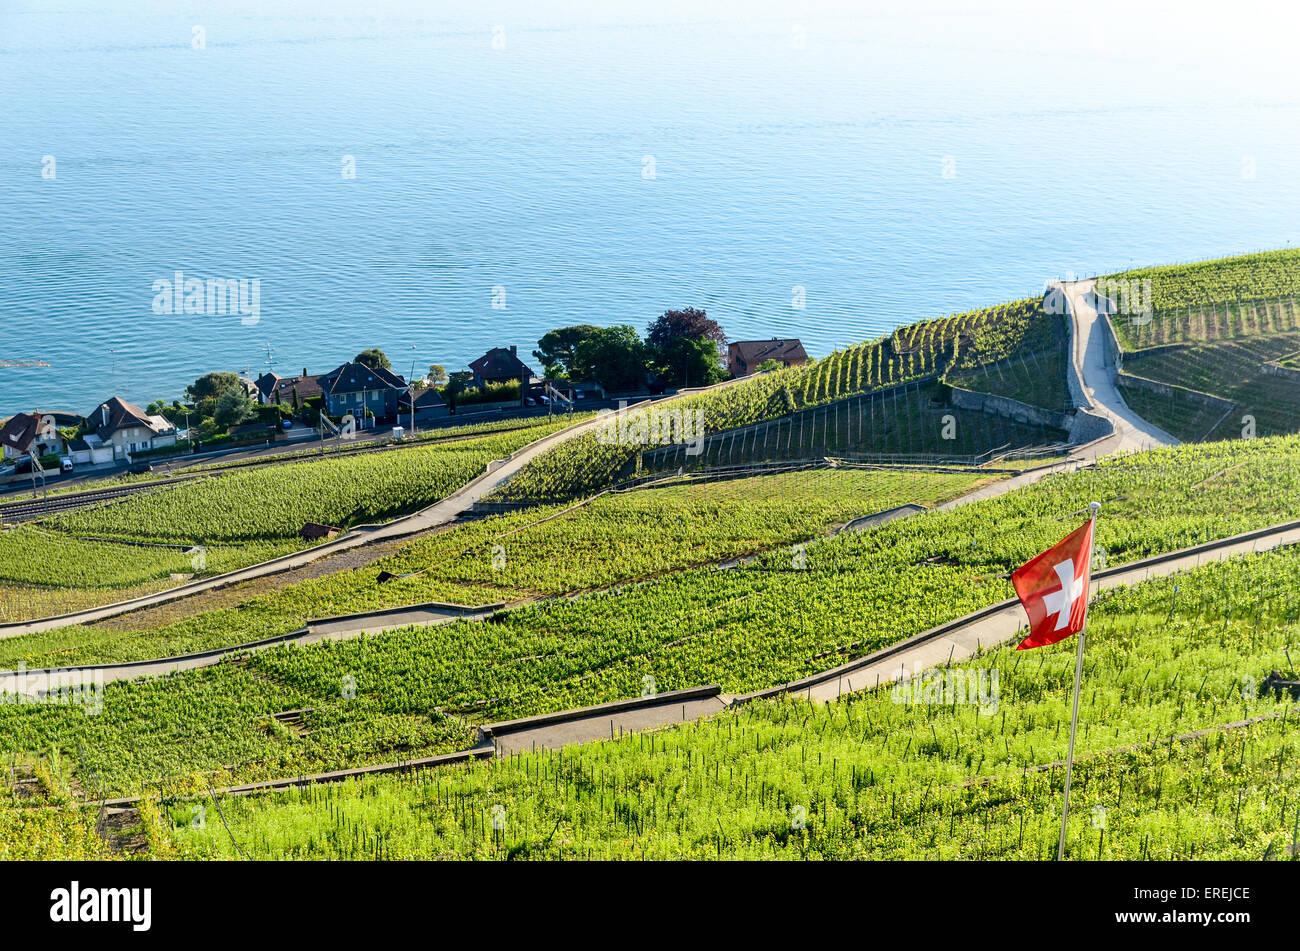 Drapeau suisse volant dans les vignobles de Lavaux en Suisse, par le lac de Genève Banque D'Images